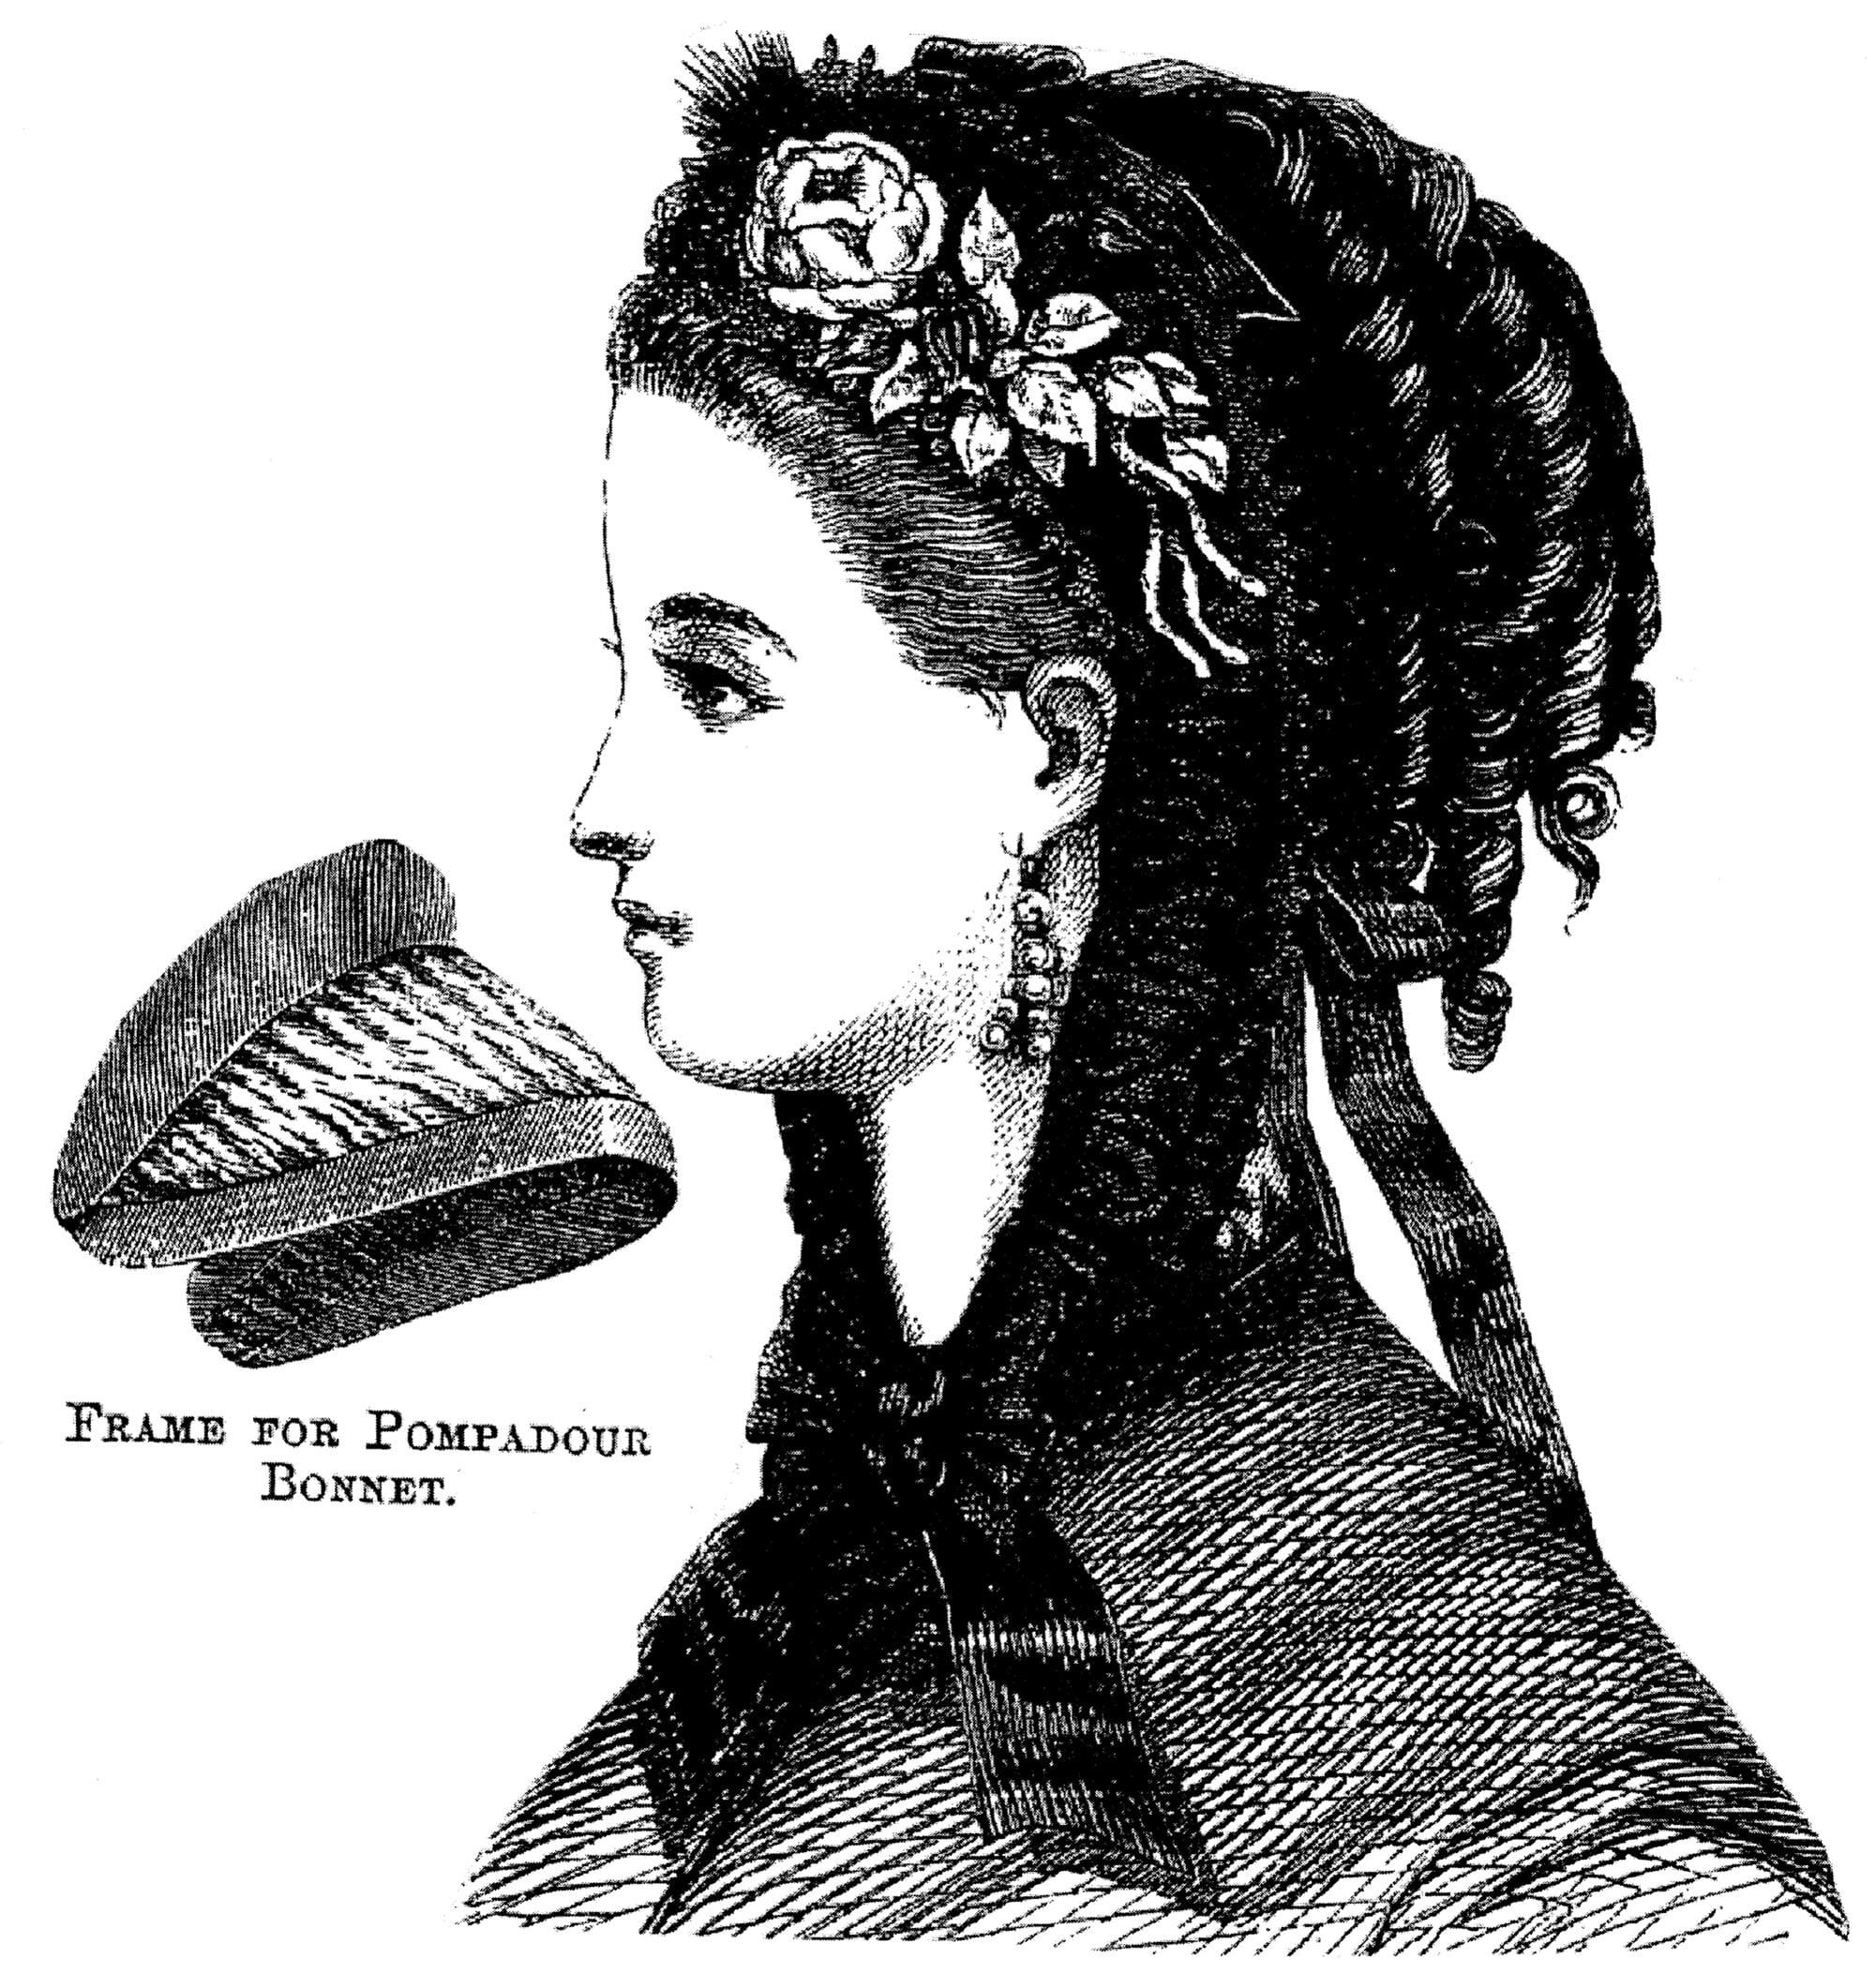 Sewing Pattern: 1869 Black Pompadour Bonnet